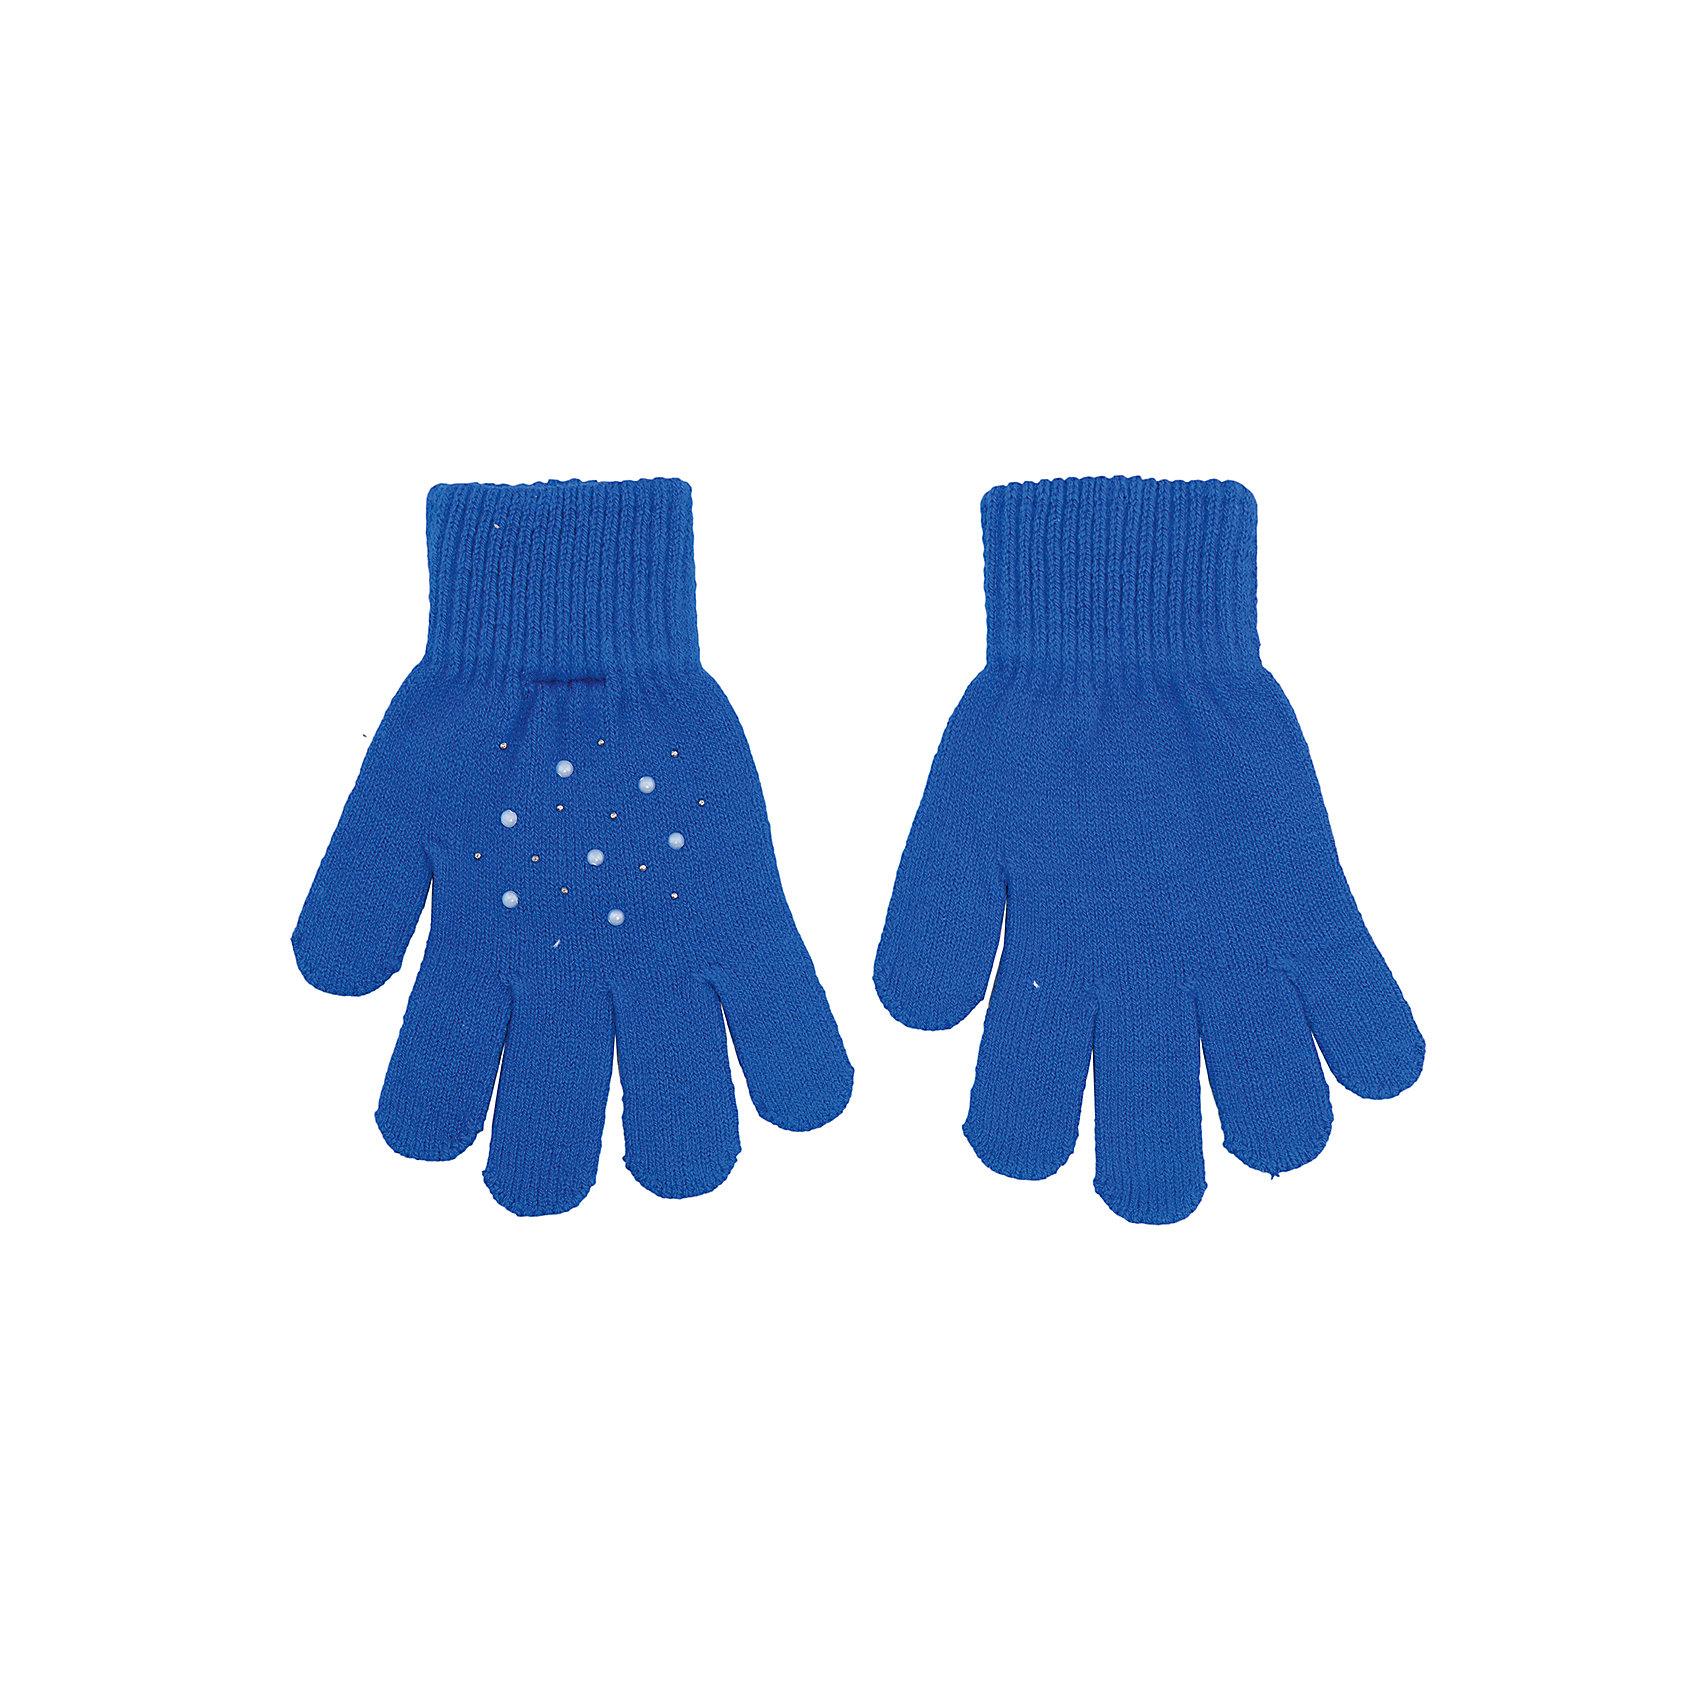 Перчатки для девочки PlayTodayПерчатки для девочки от известного бренда PlayToday.<br>Яркие перчатки из вязаного трикотажа. Украшены россыпью сверкающих страз. Верх на мягкой резинке.<br>Состав:<br>60% хлопок, 40% акрил<br><br>Ширина мм: 162<br>Глубина мм: 171<br>Высота мм: 55<br>Вес г: 119<br>Цвет: синий<br>Возраст от месяцев: 36<br>Возраст до месяцев: 48<br>Пол: Женский<br>Возраст: Детский<br>Размер: 13,15,14<br>SKU: 4898458